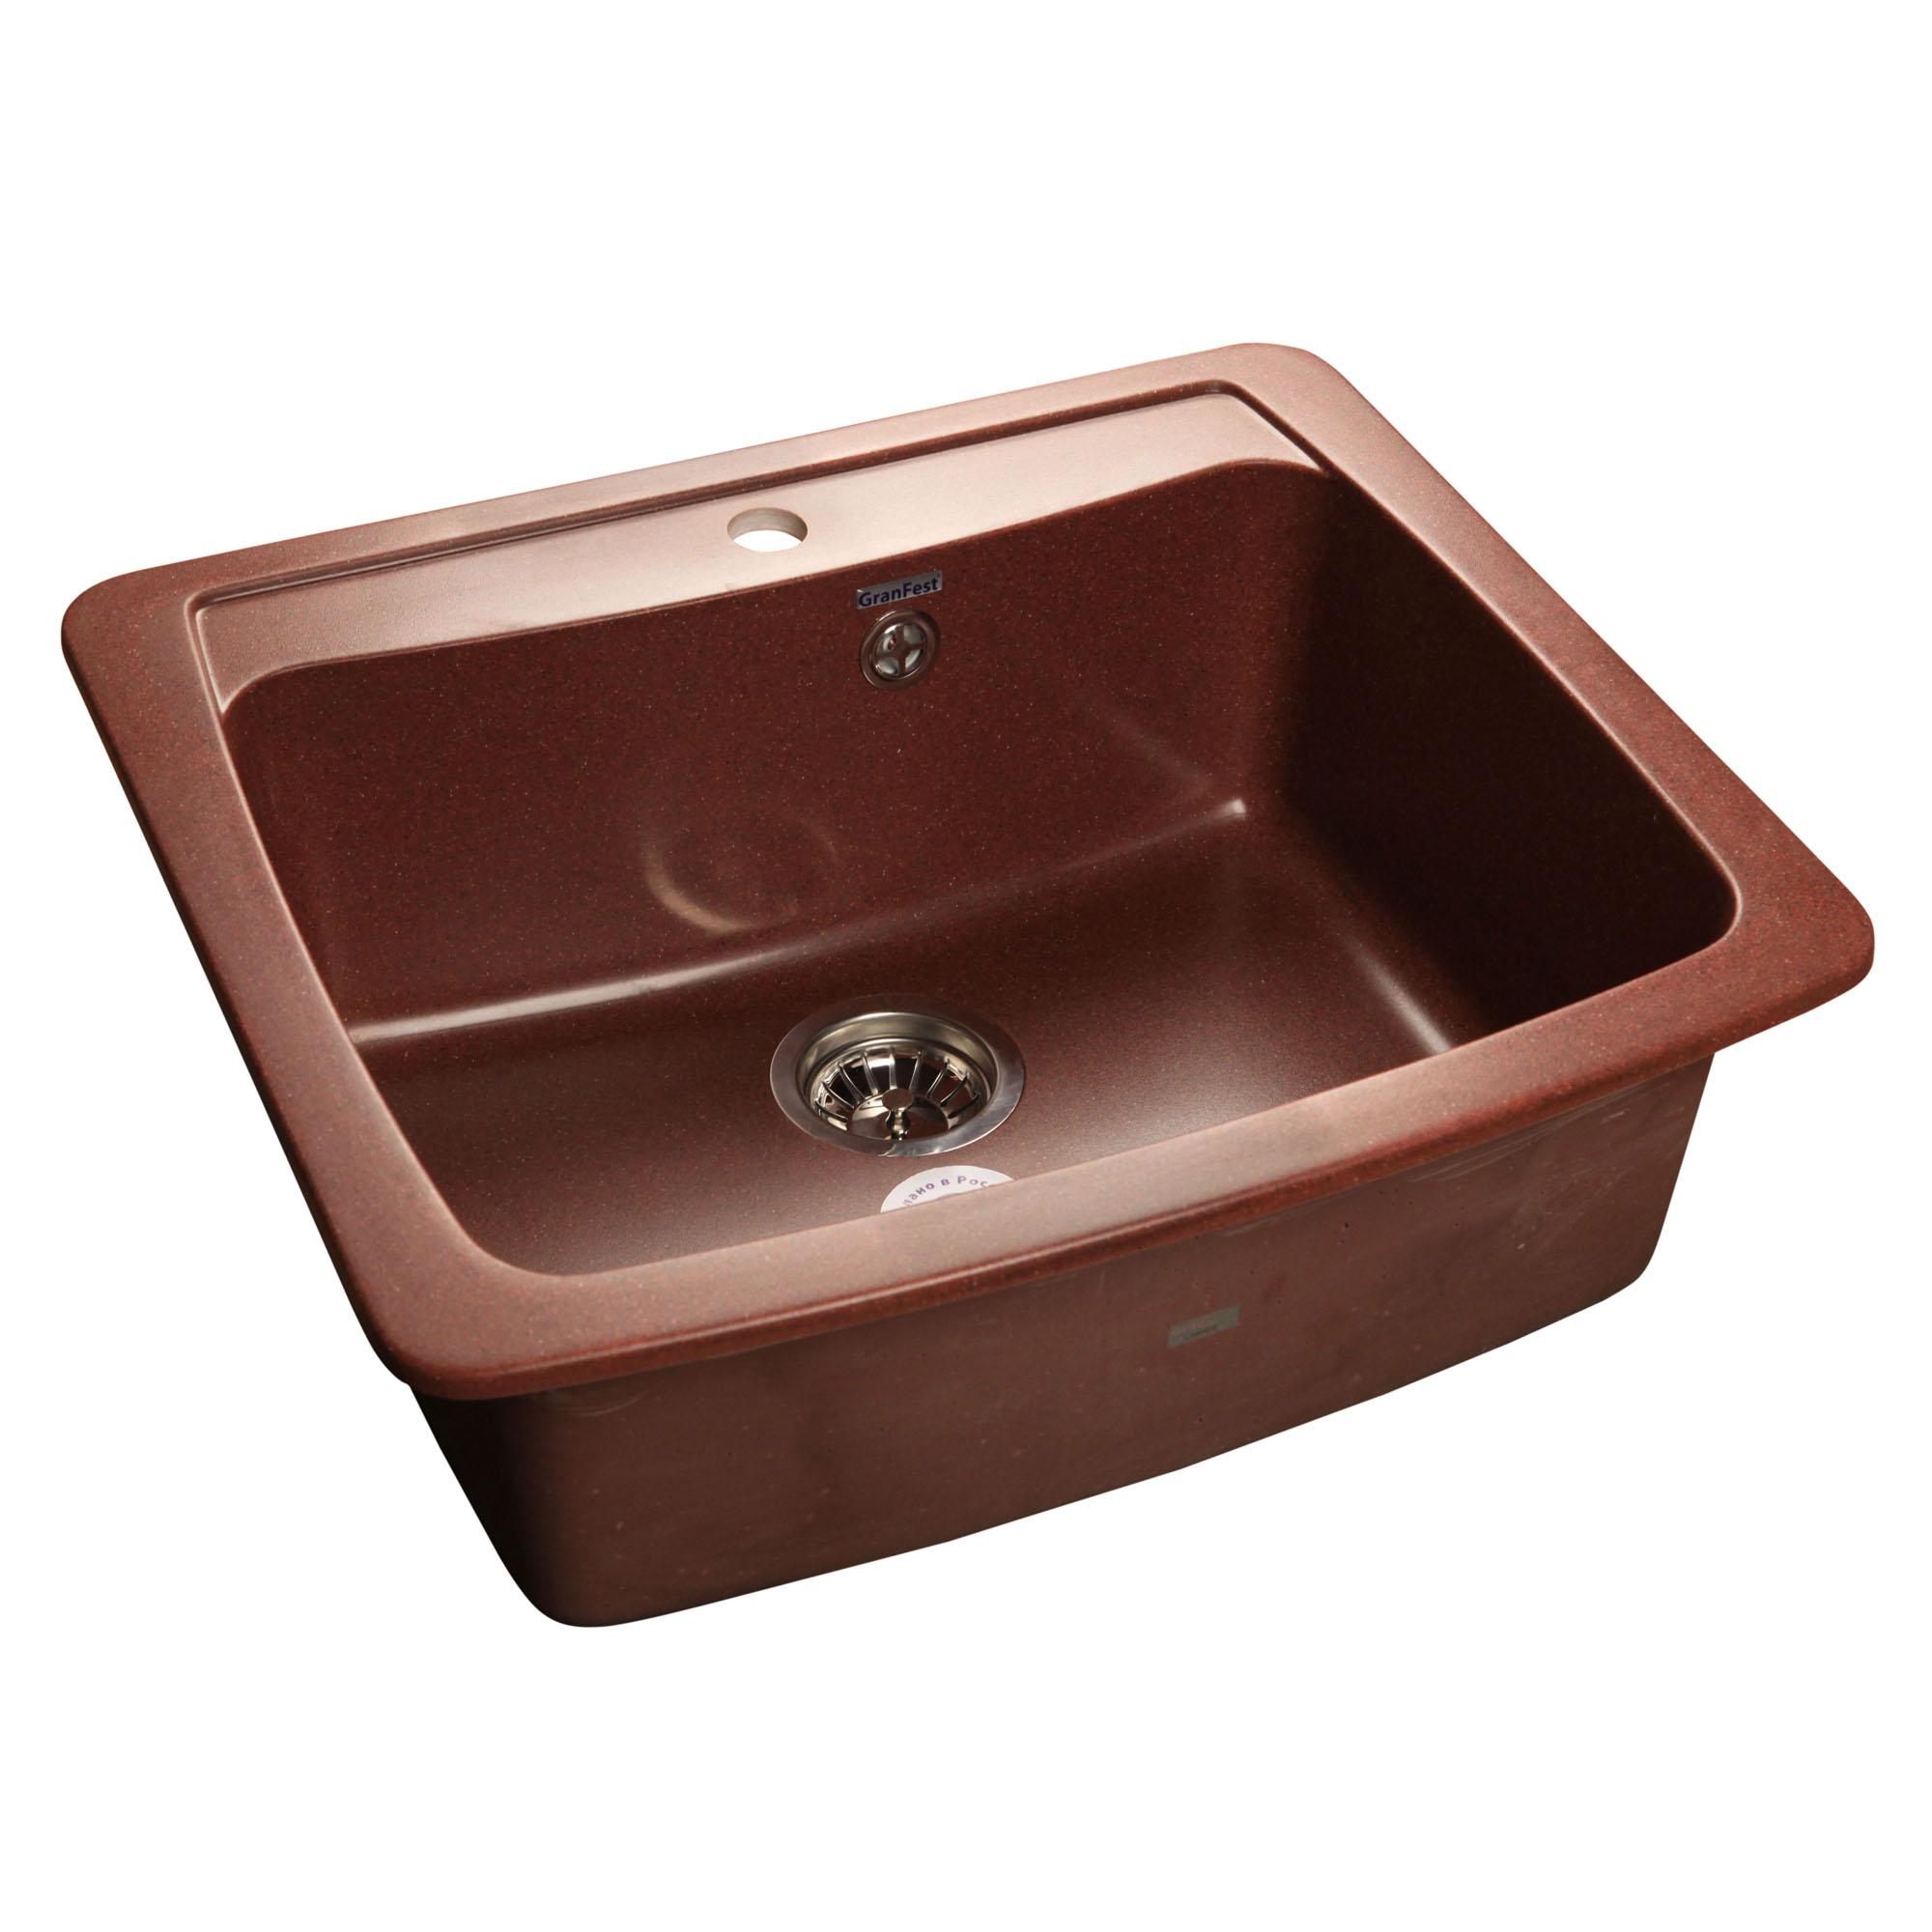 Кухонная мойка GranFest Standart GF-S605 красный марс мойка кухонная granfest гранит 605x510 gf s605 бежевая